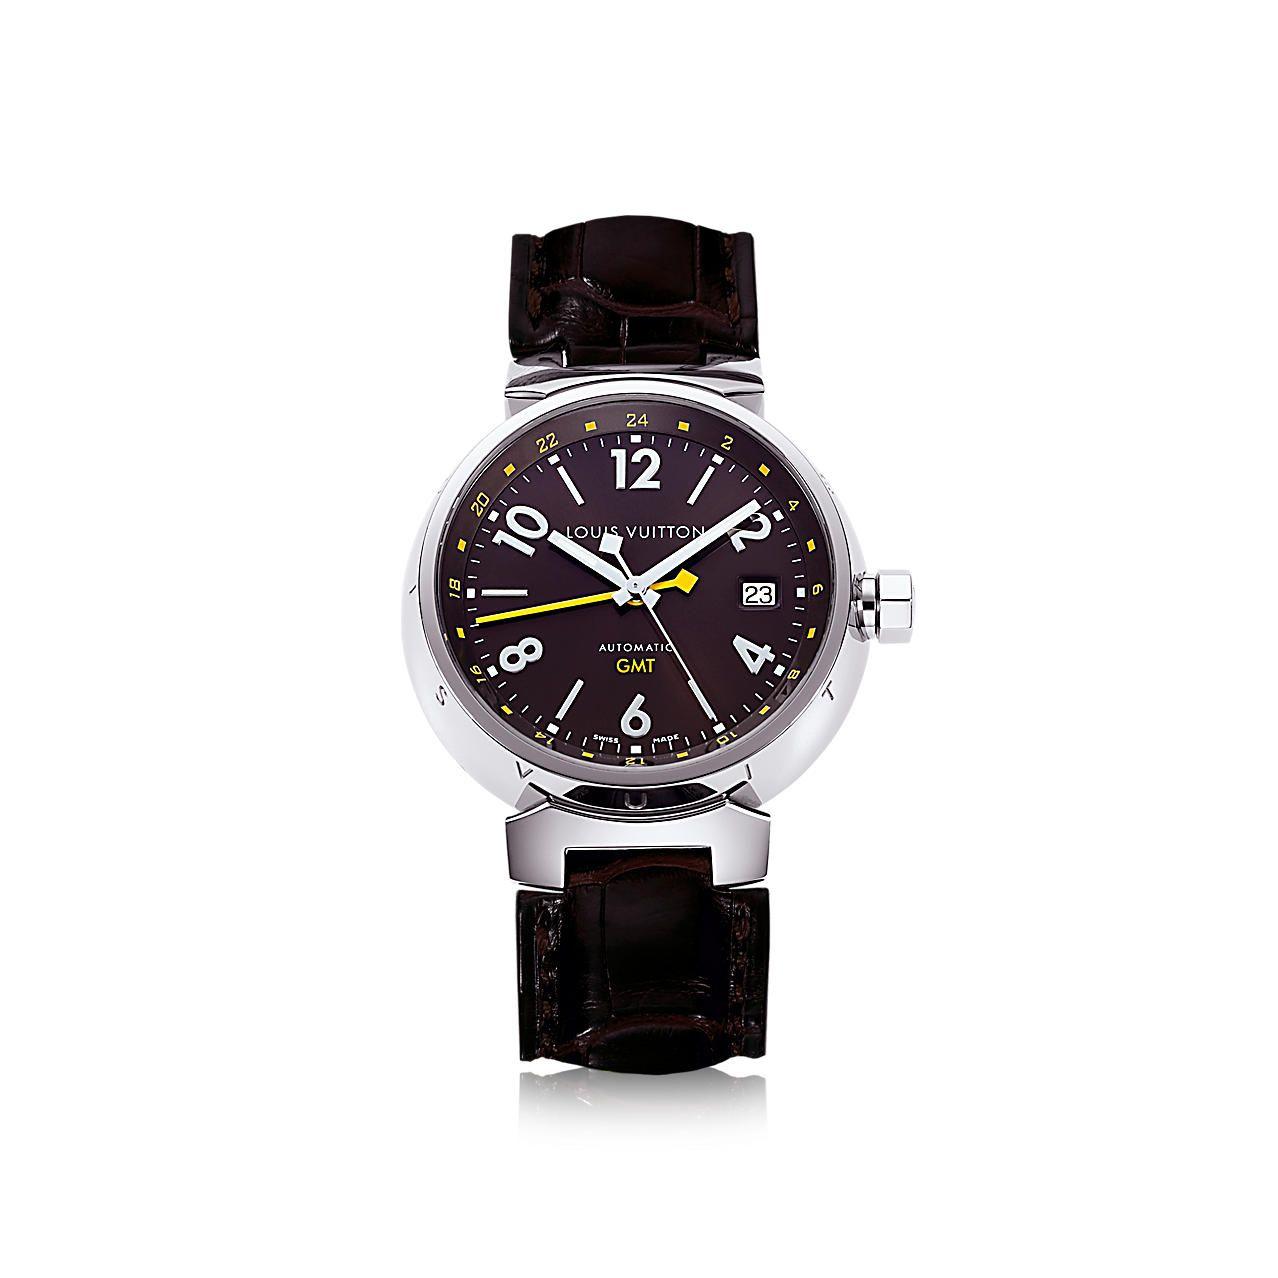 Descubra el Louis Vuitton Tambour automático GMT marrón, 39.5 mm  El reloj Tambour automático GMT, en un claro ejemplo de la pasión por los viajes de Louis Vuitton, muestra la hora en dos husos horarios.